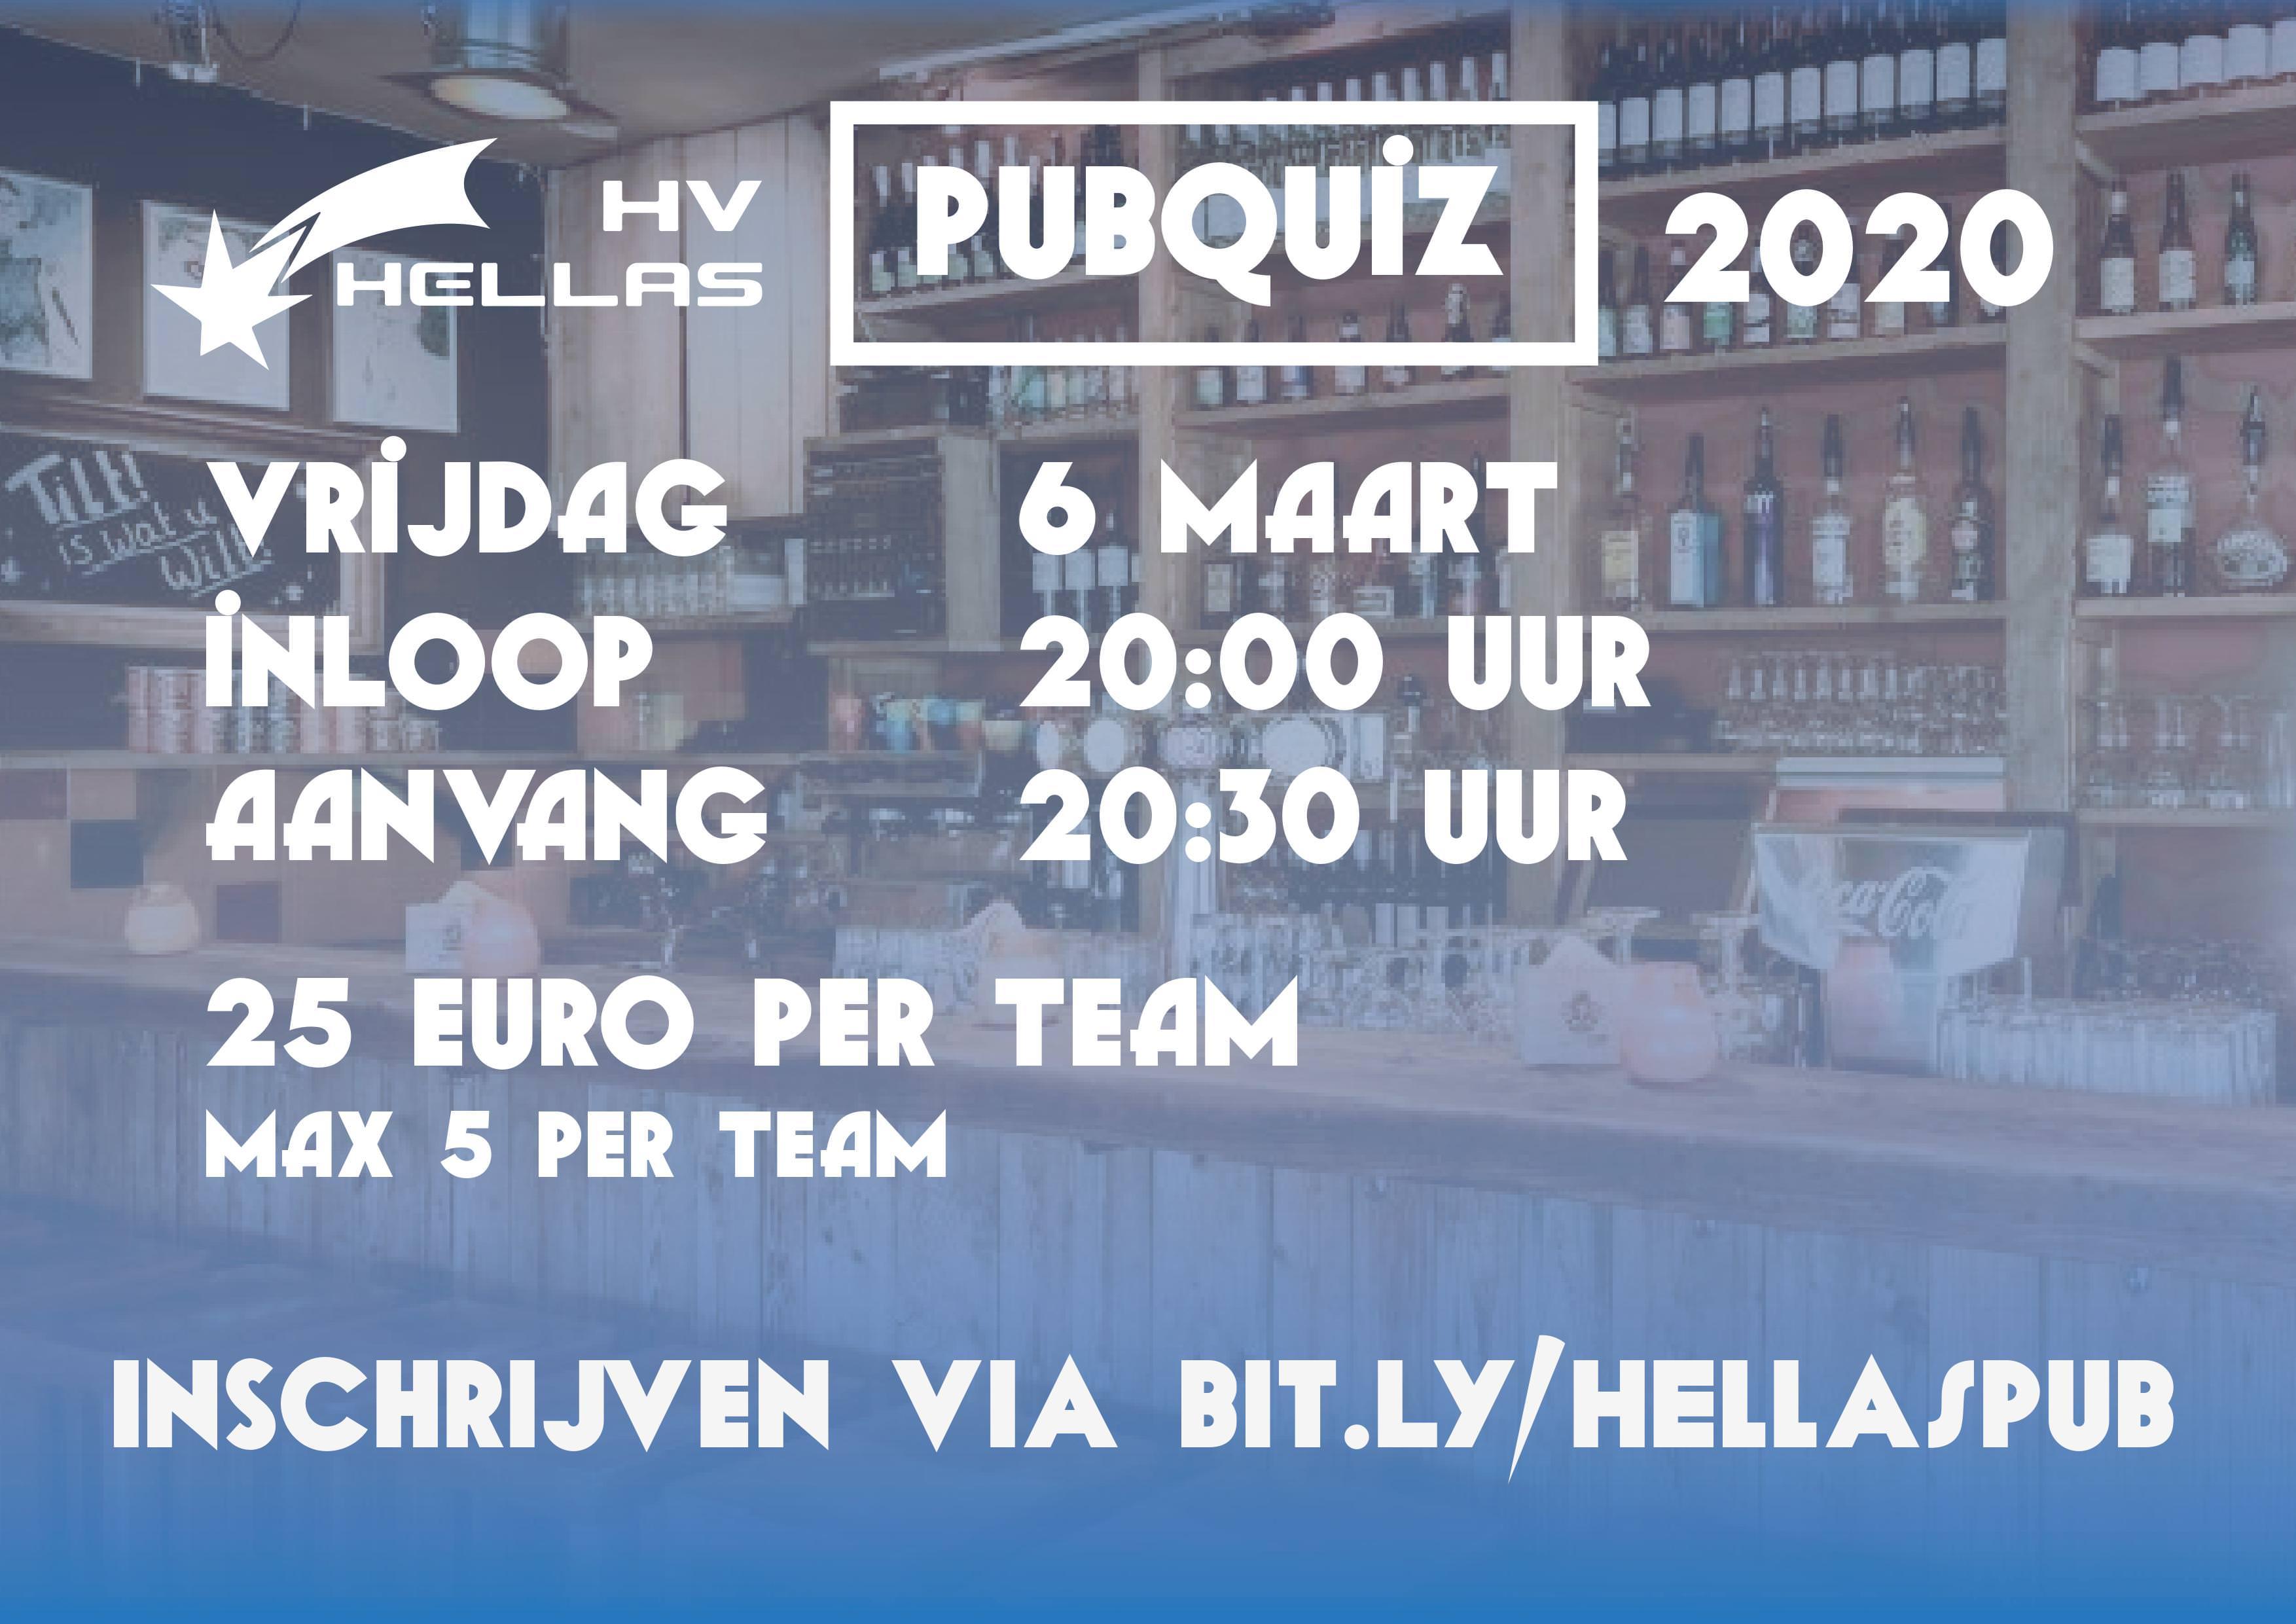 Hellas PubQuiz 2020